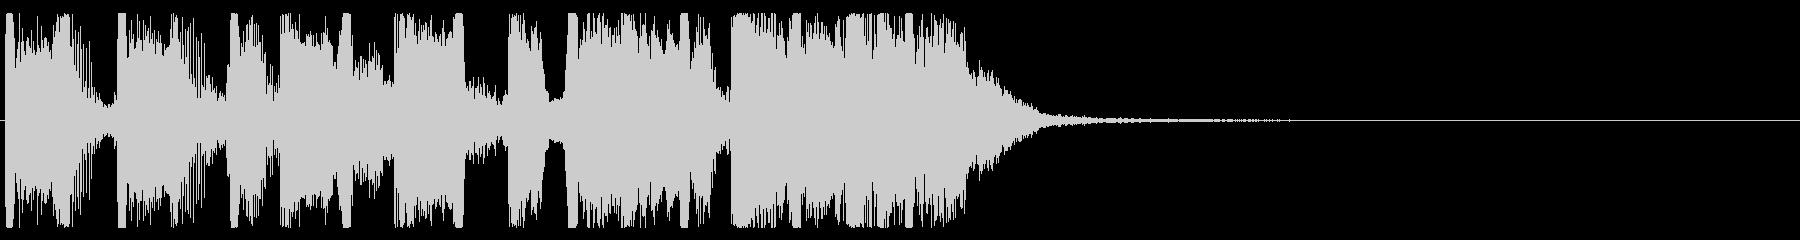 元気 楽しい スカロック ジングル③の未再生の波形